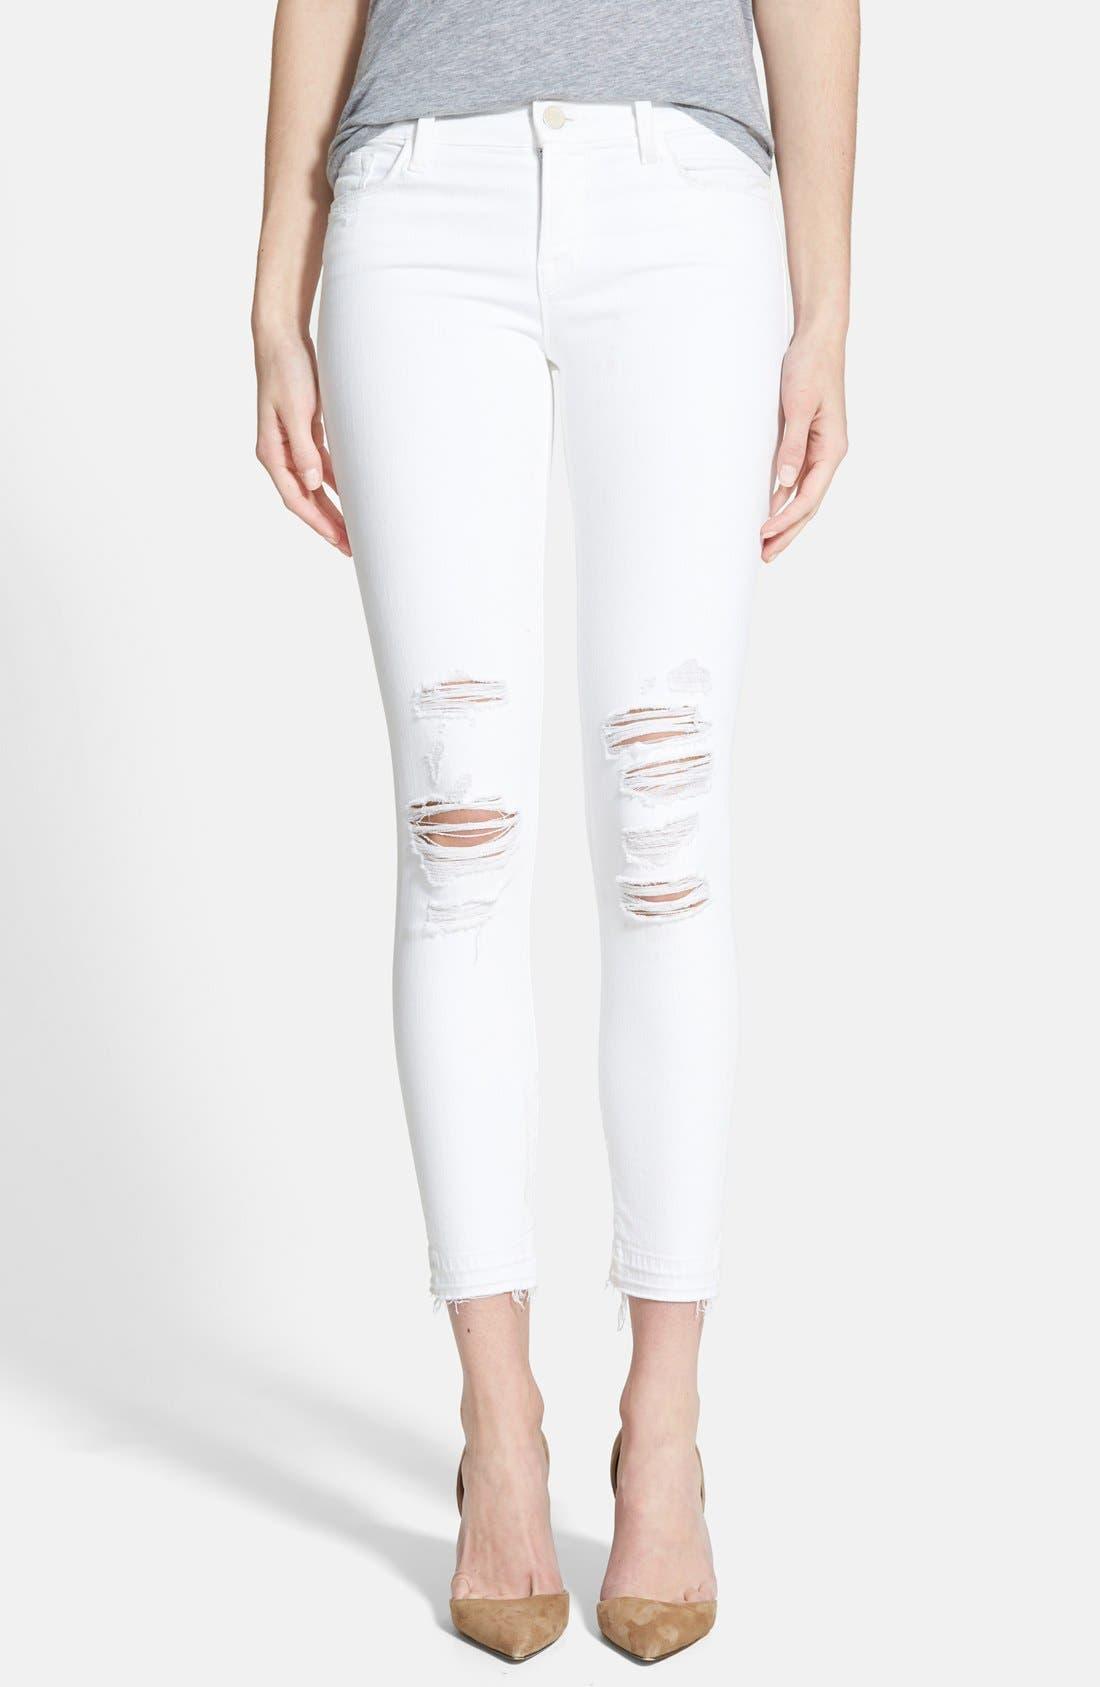 White Ripped Jeans & Denim for Women: Skinny, Boyfriend & More ...